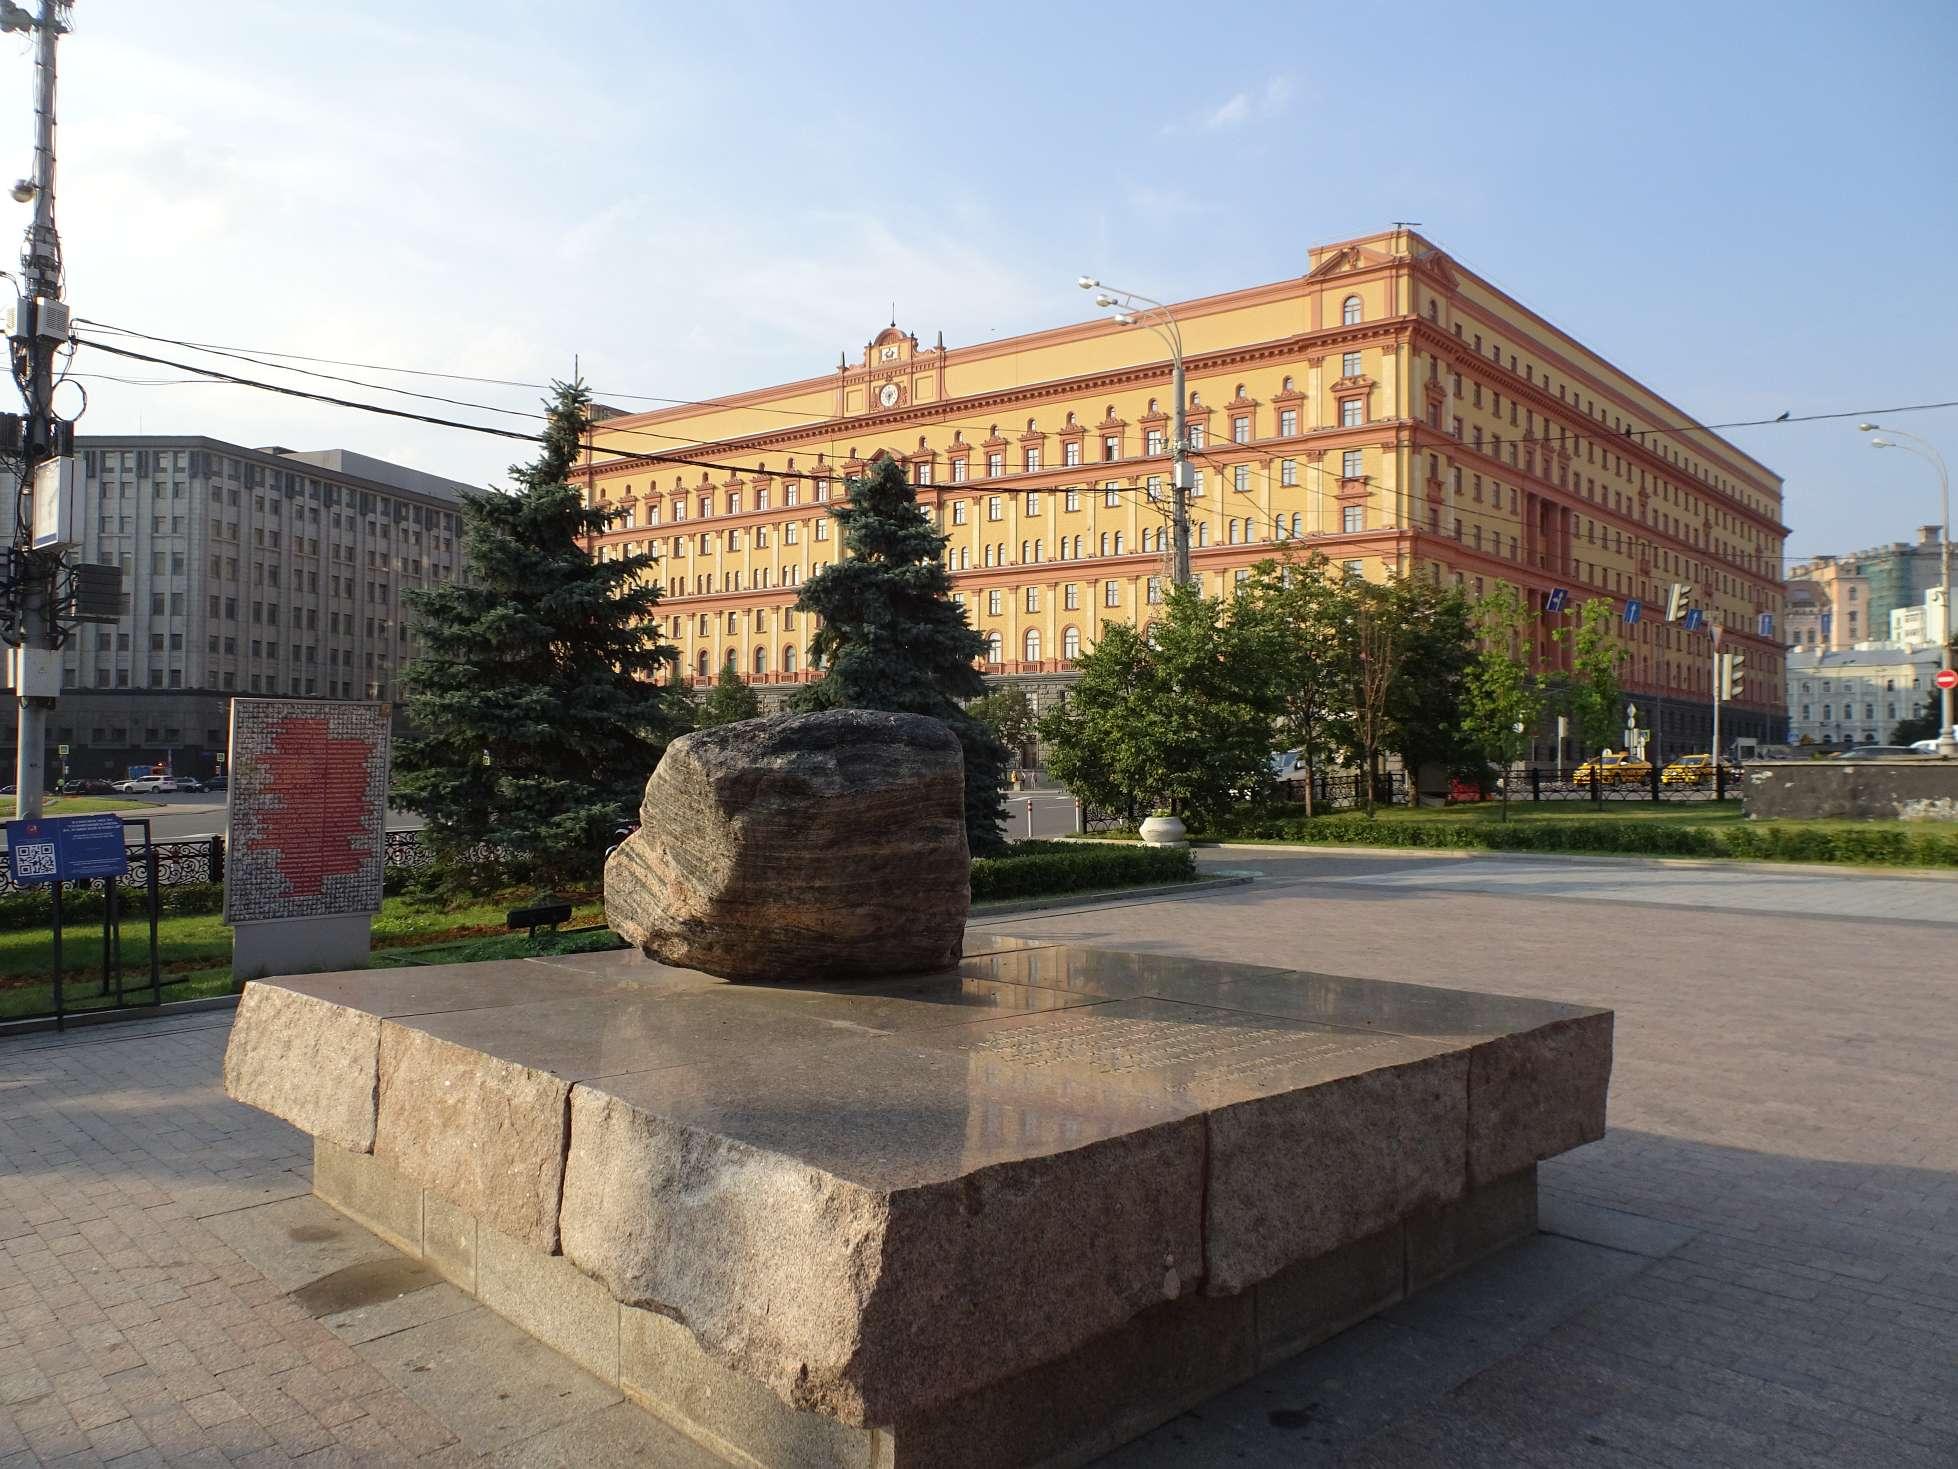 Lubjanka, Sitz des NKWD und des KGB und bis heute vom Geheimdienst genutzt. Davor praktischerweise das Denkmal für deren Opfer.